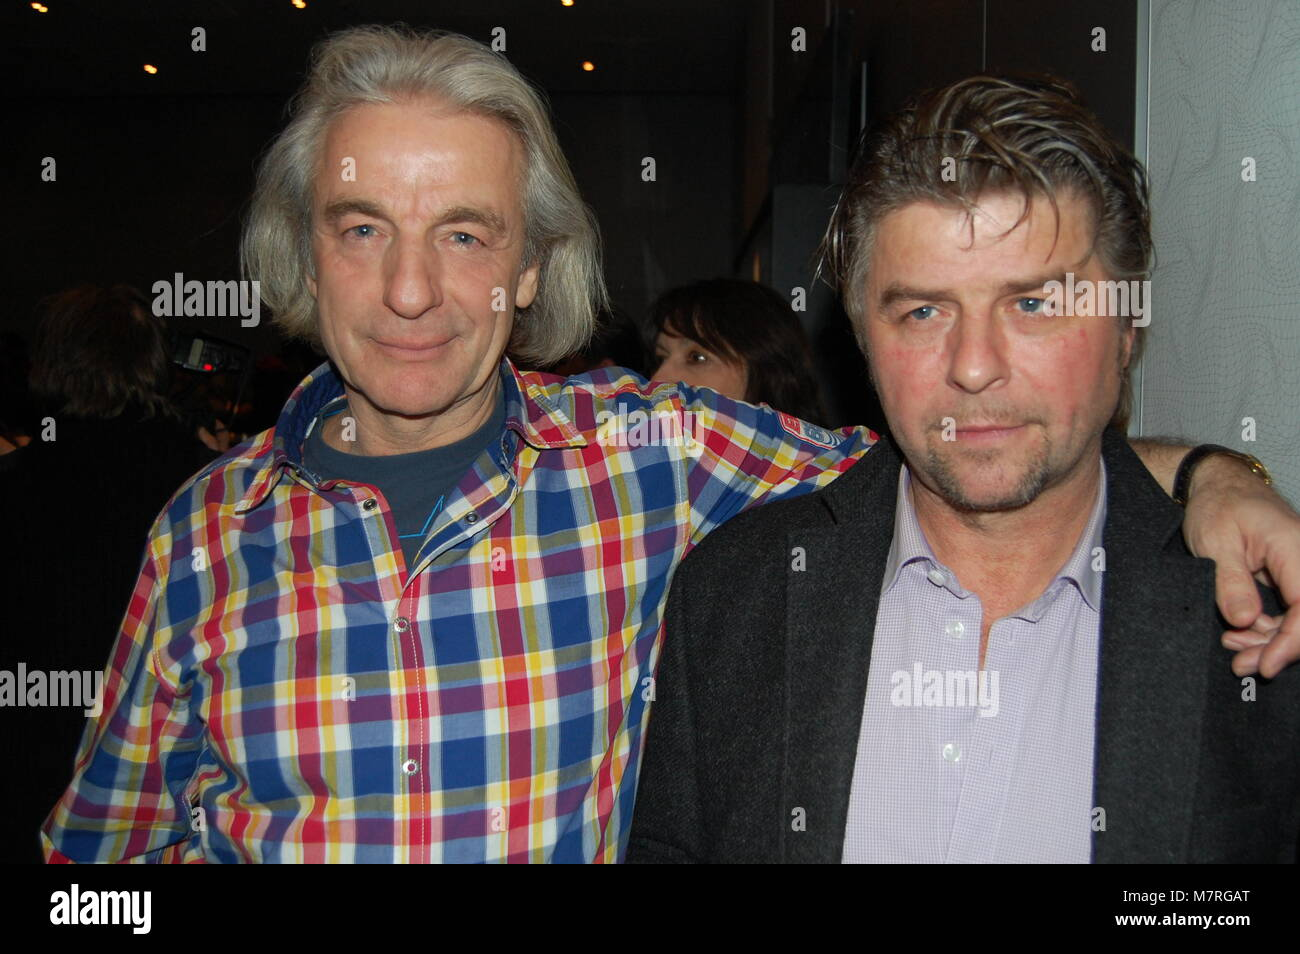 Anthony Arndt & Uwe Fellensiek - Los Banditos Party, 13.02.2011, Berlin - Stock Image